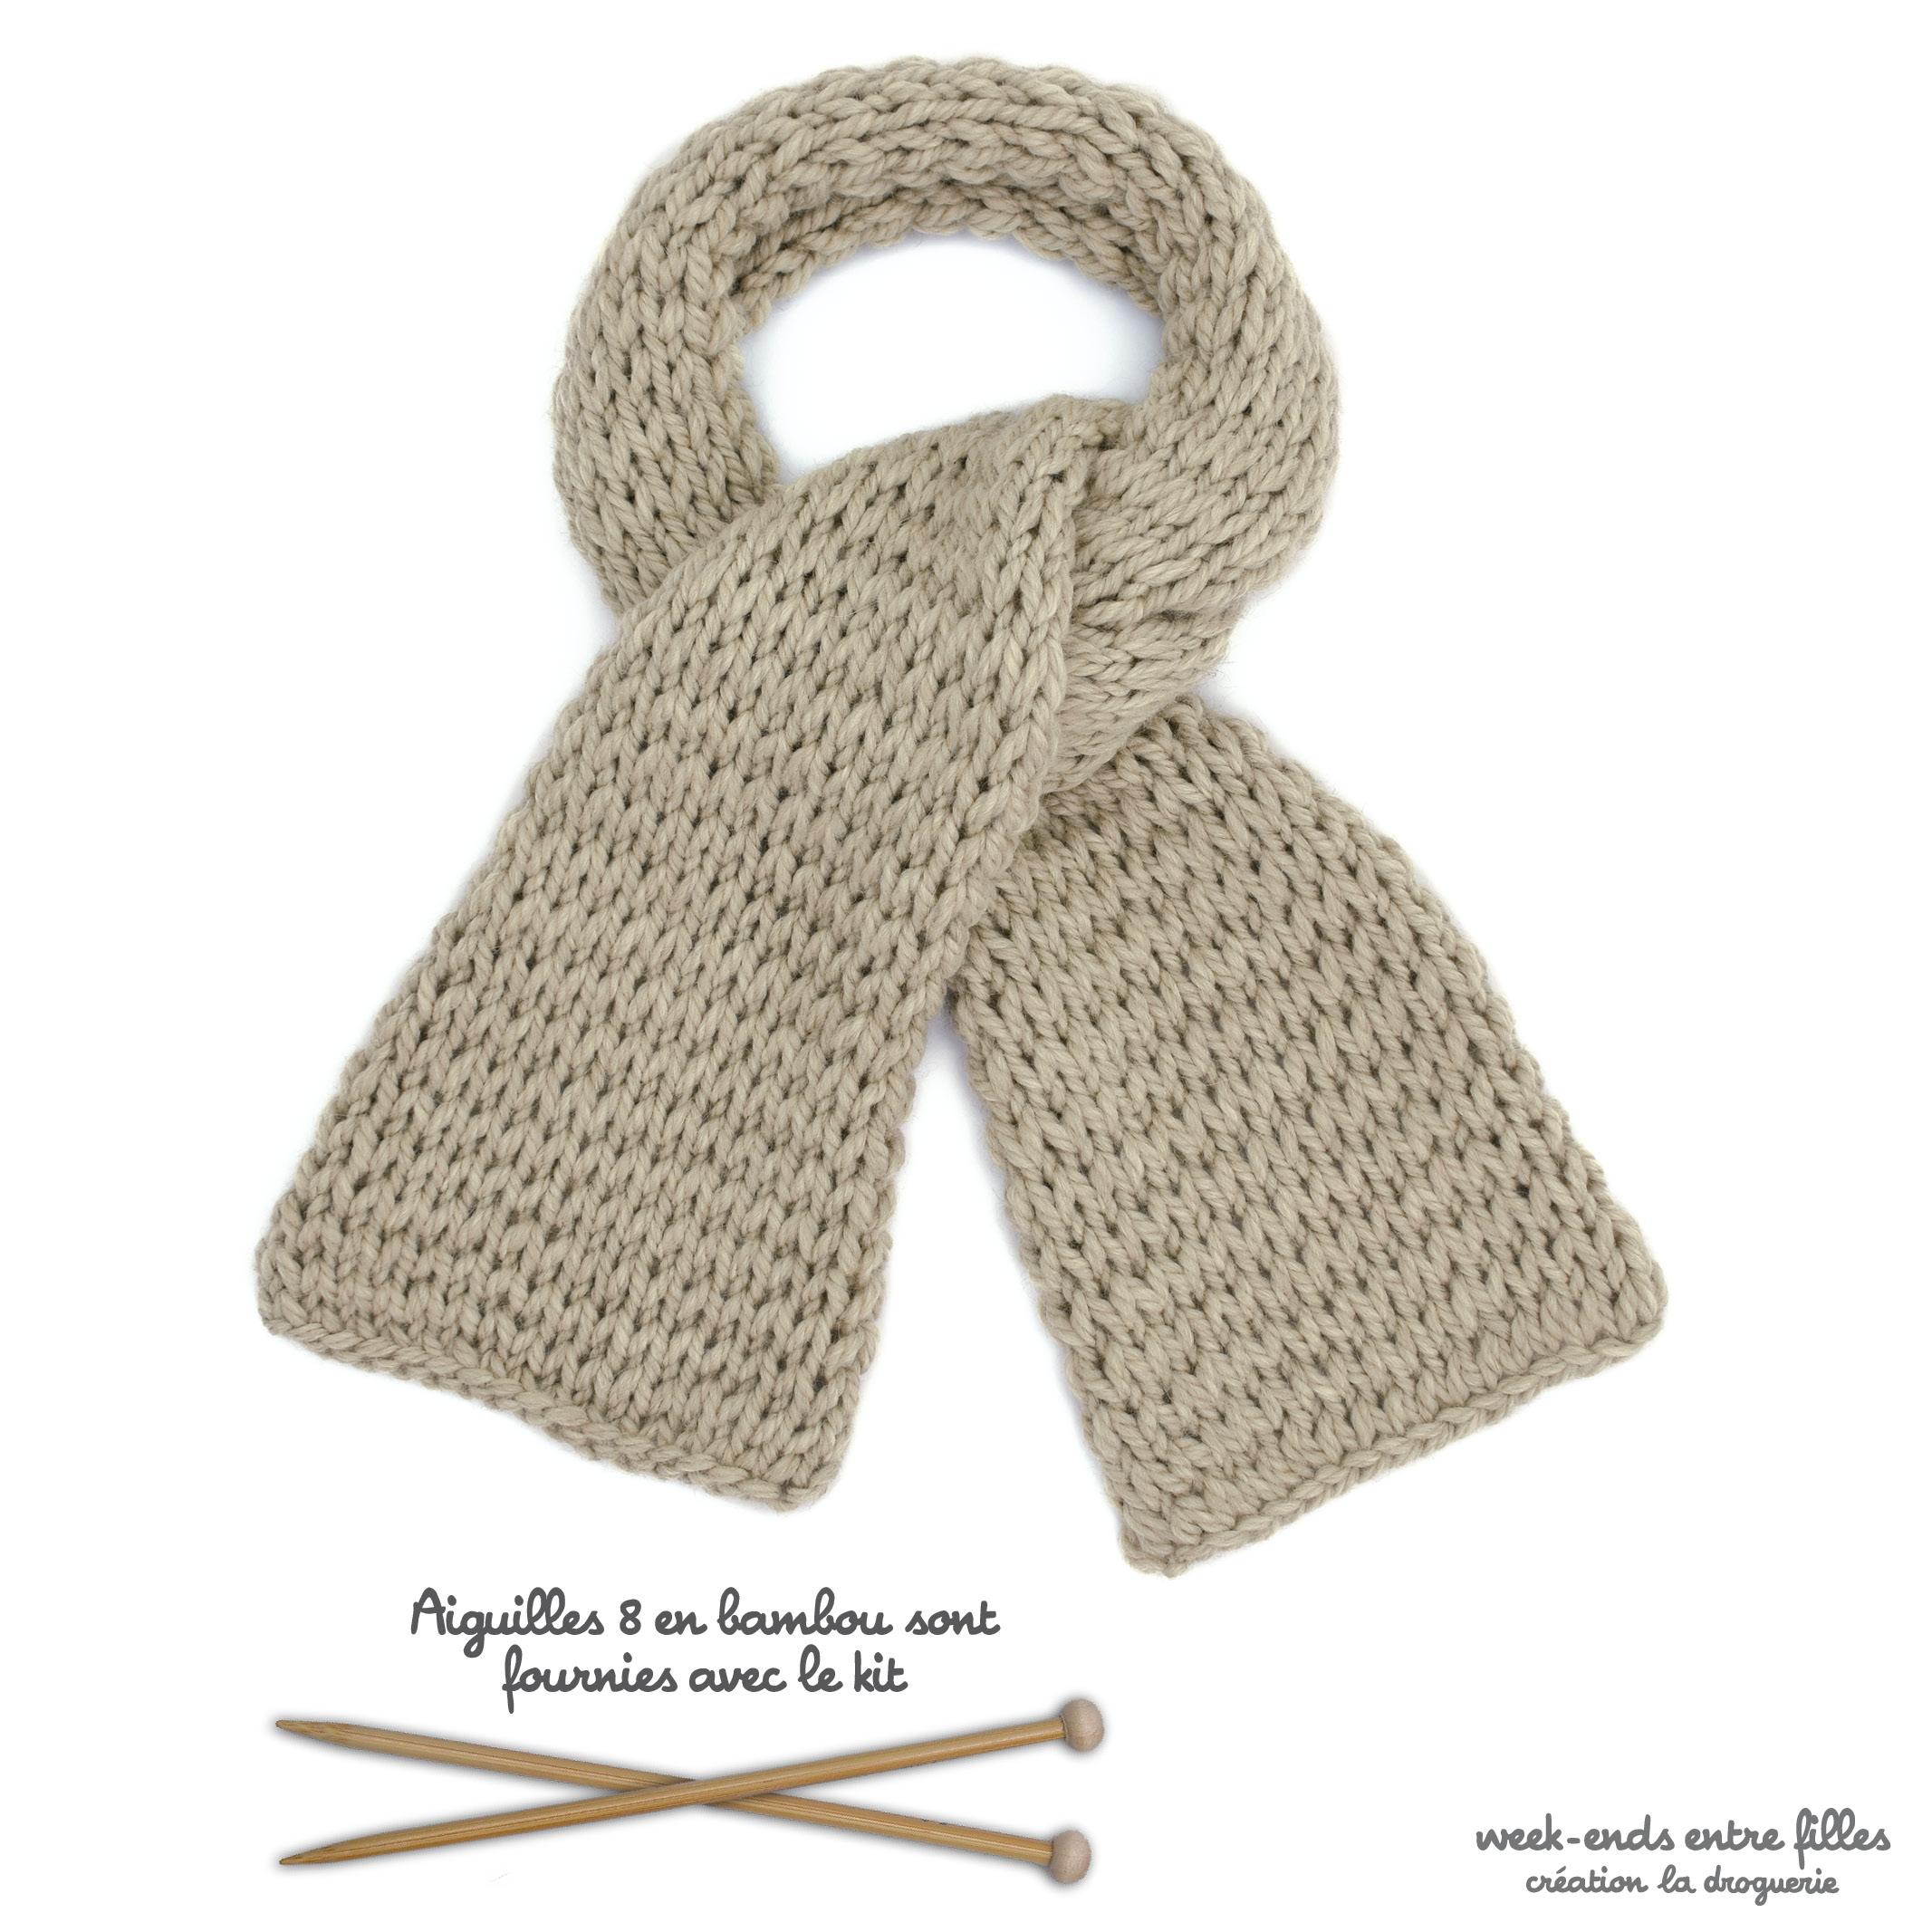 bf8587cddaad On apprend à tricoter   l écharpe rivière   La Droguerie